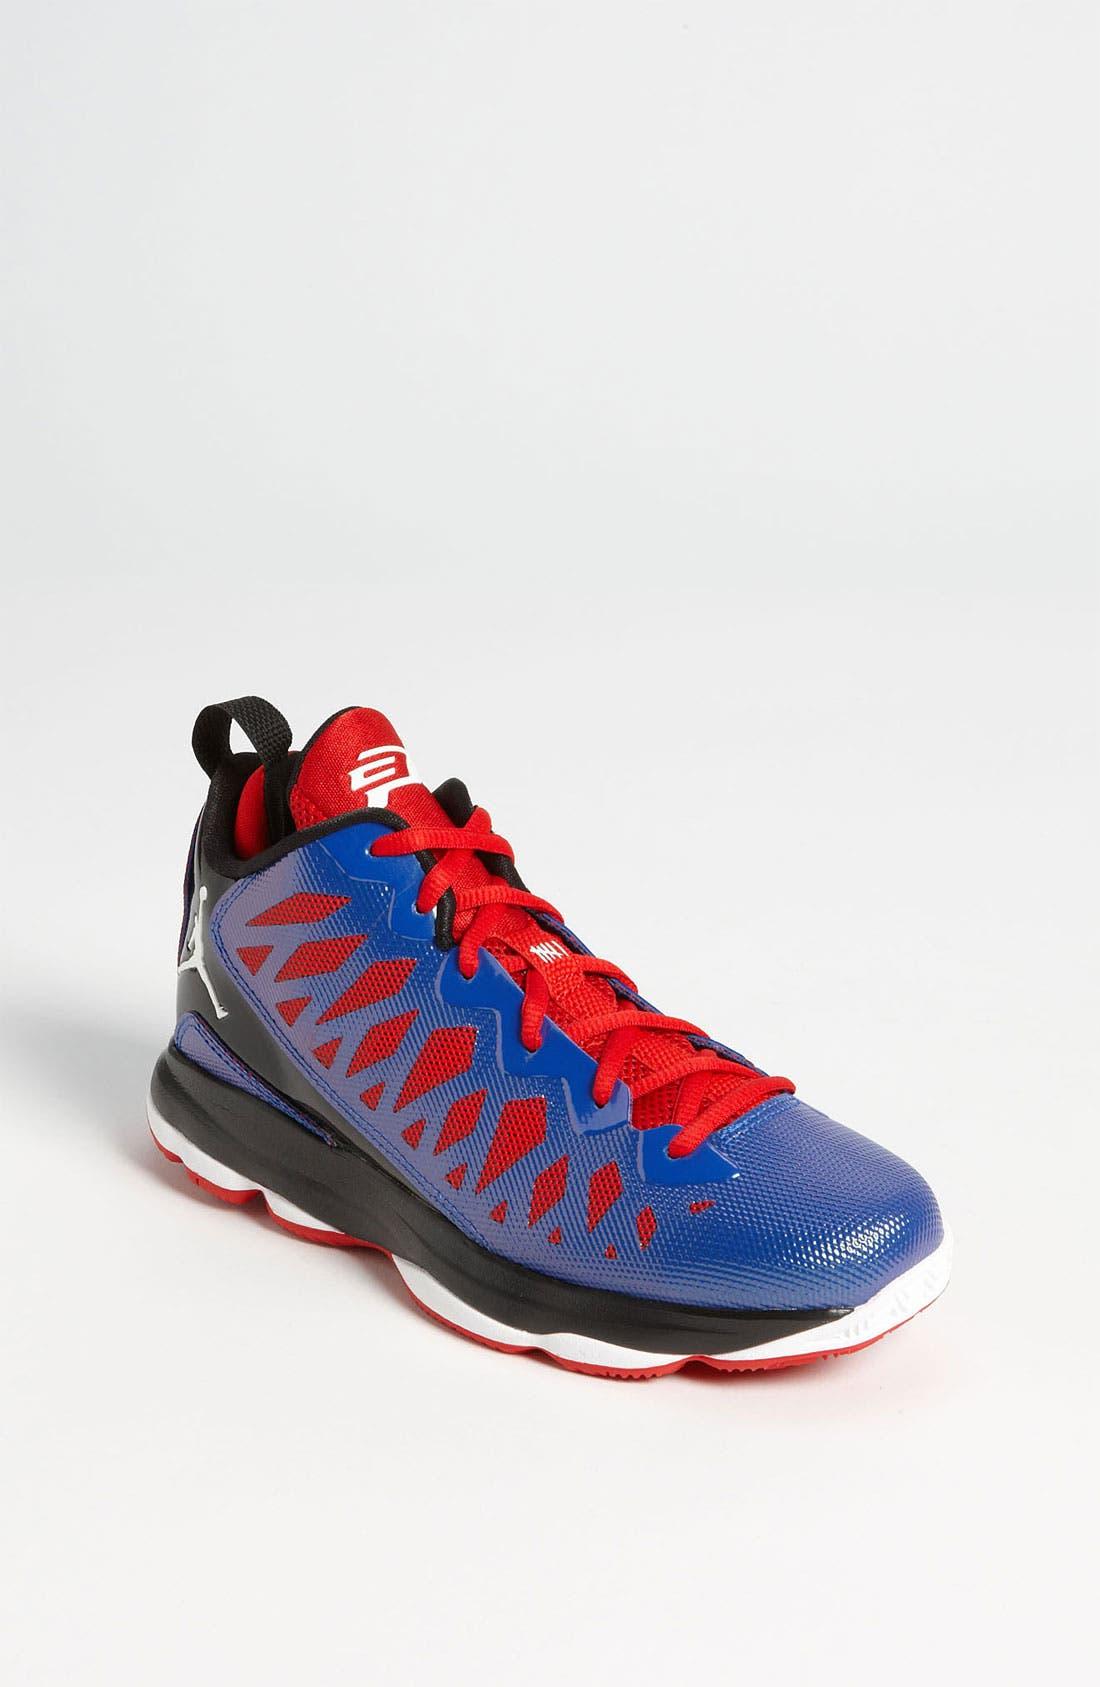 Alternate Image 1 Selected - Nike 'Jordan CP3.VI' Basketball Shoe (Big Kid)